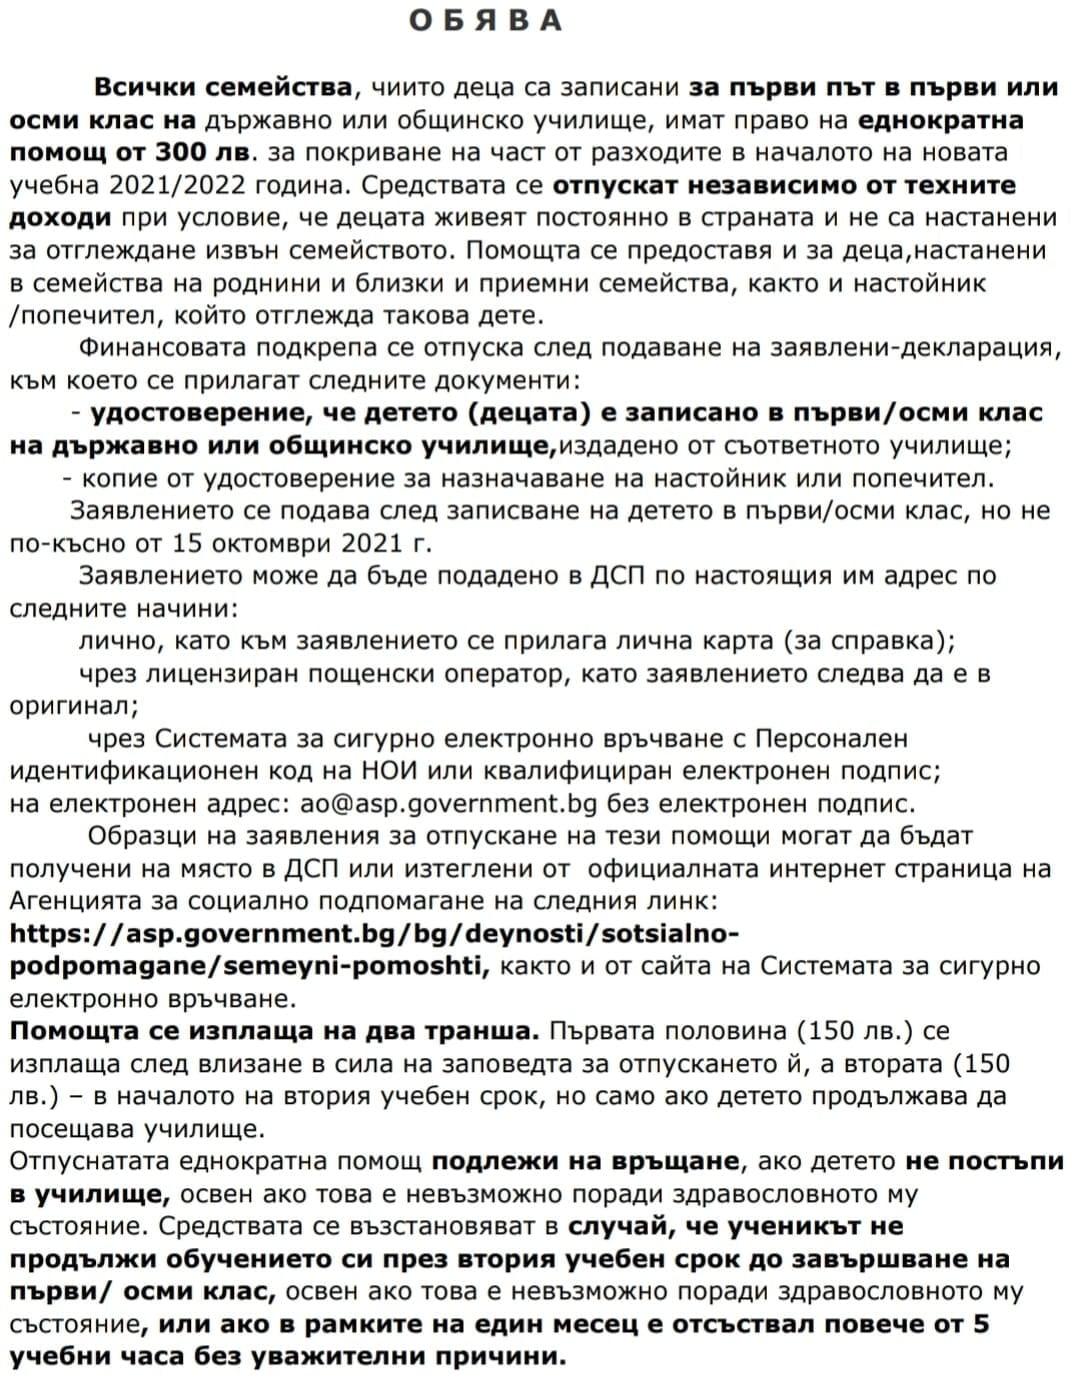 Записани в осми клас 21/22 г.